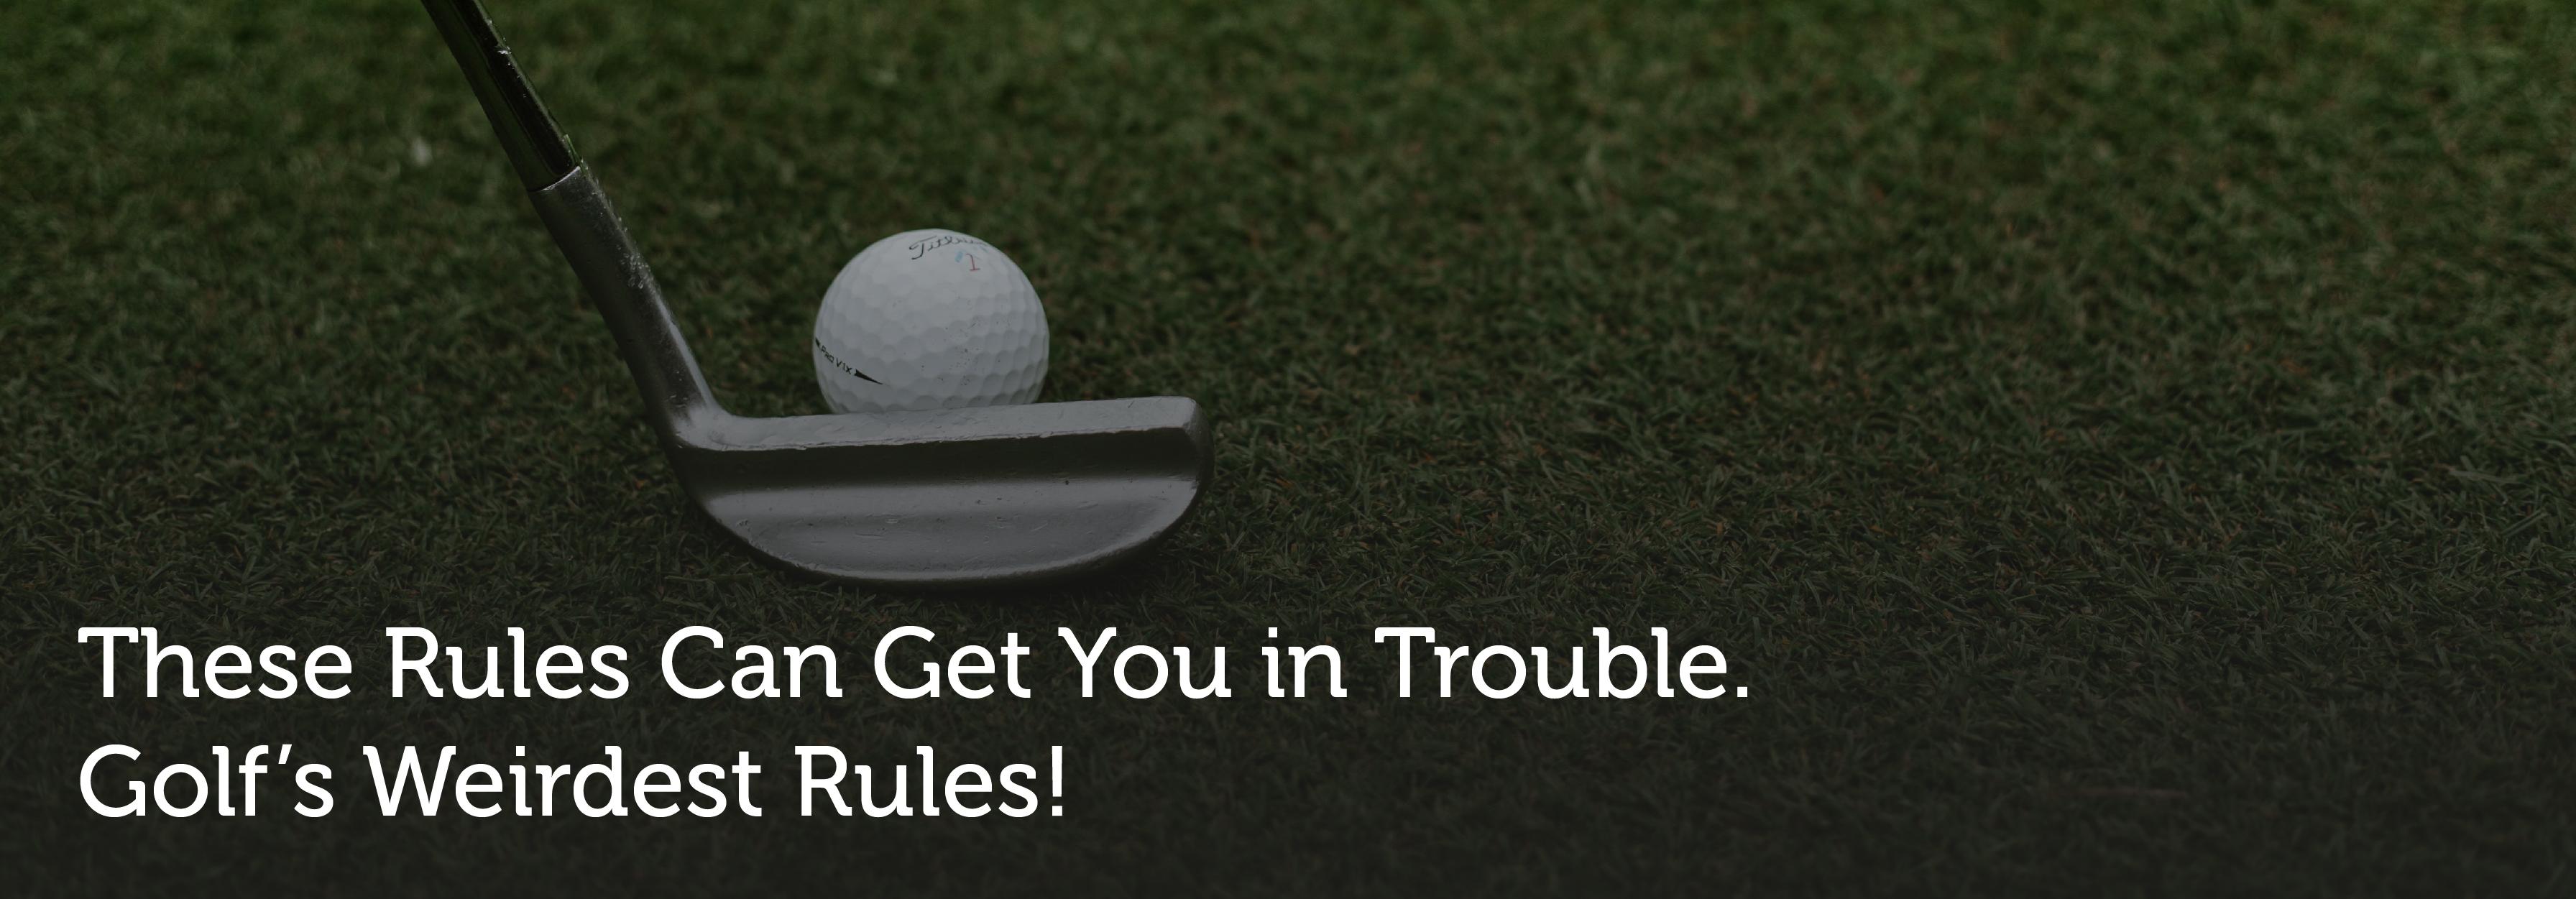 Golfs weirdest rules